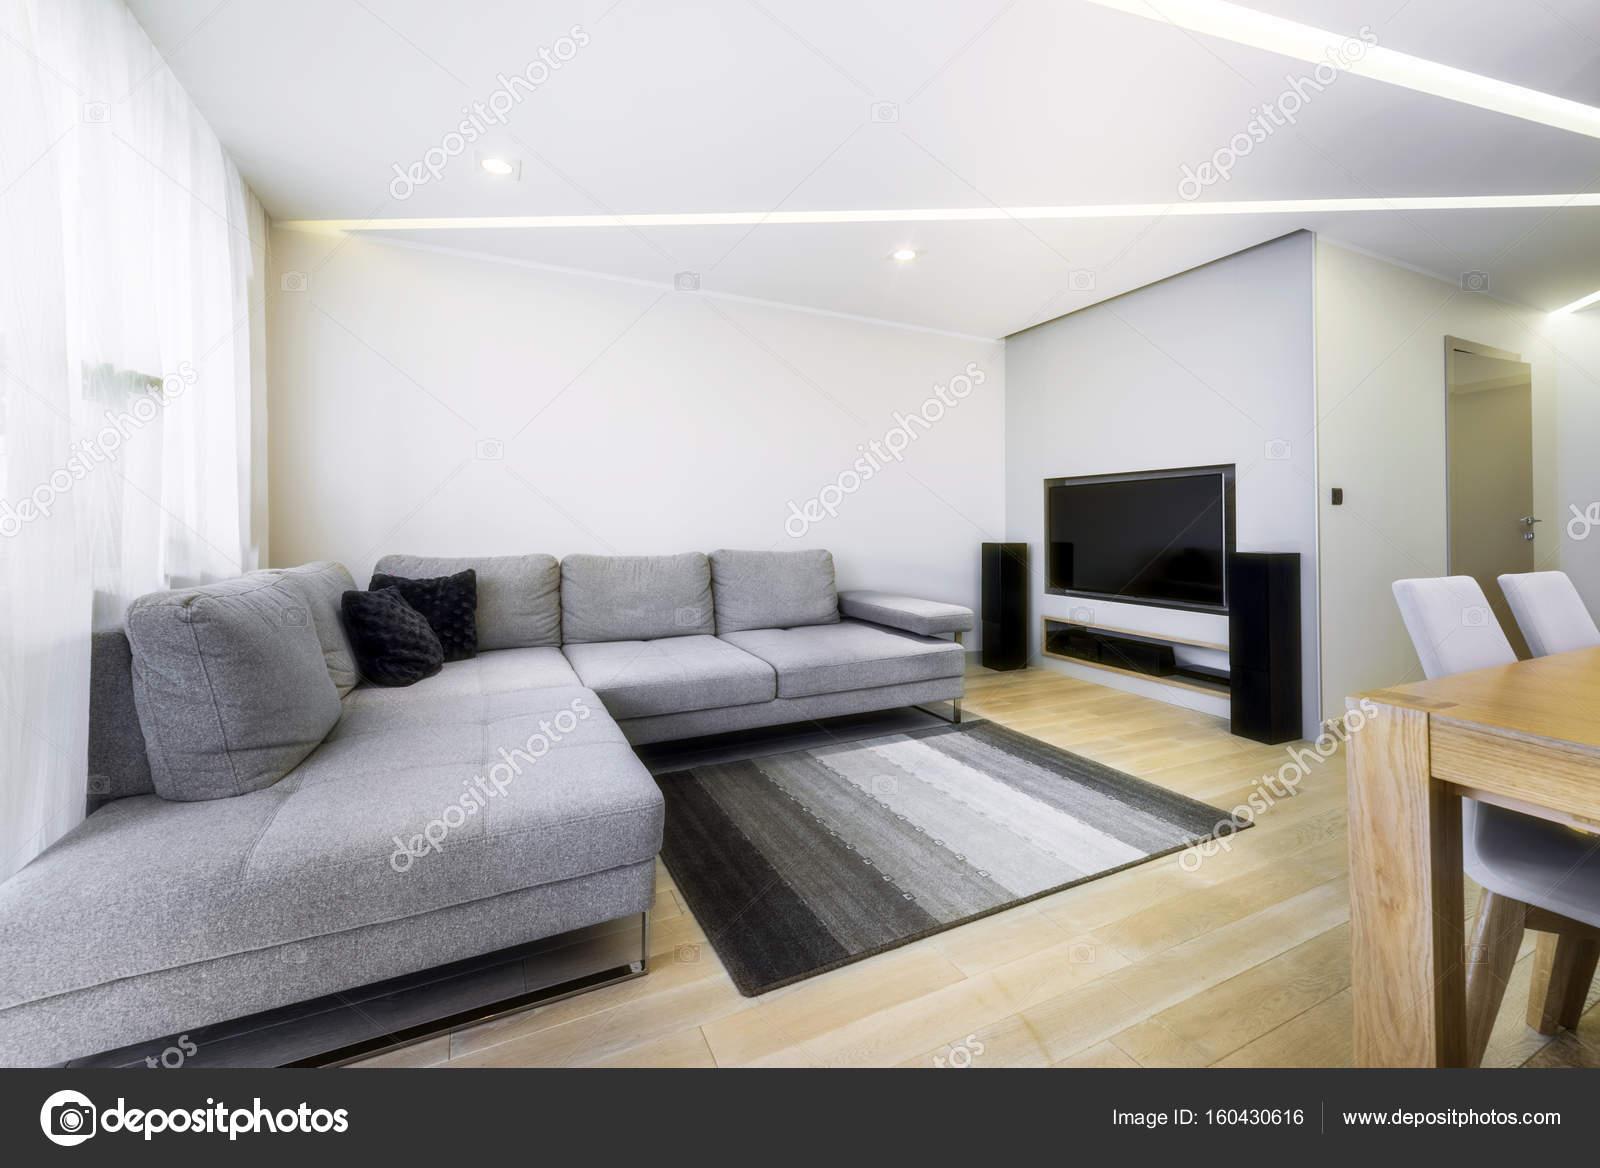 Salotto Moderno Elegante : Moderno elegante salotto u2014 foto stock © jacek kadaj #160430616